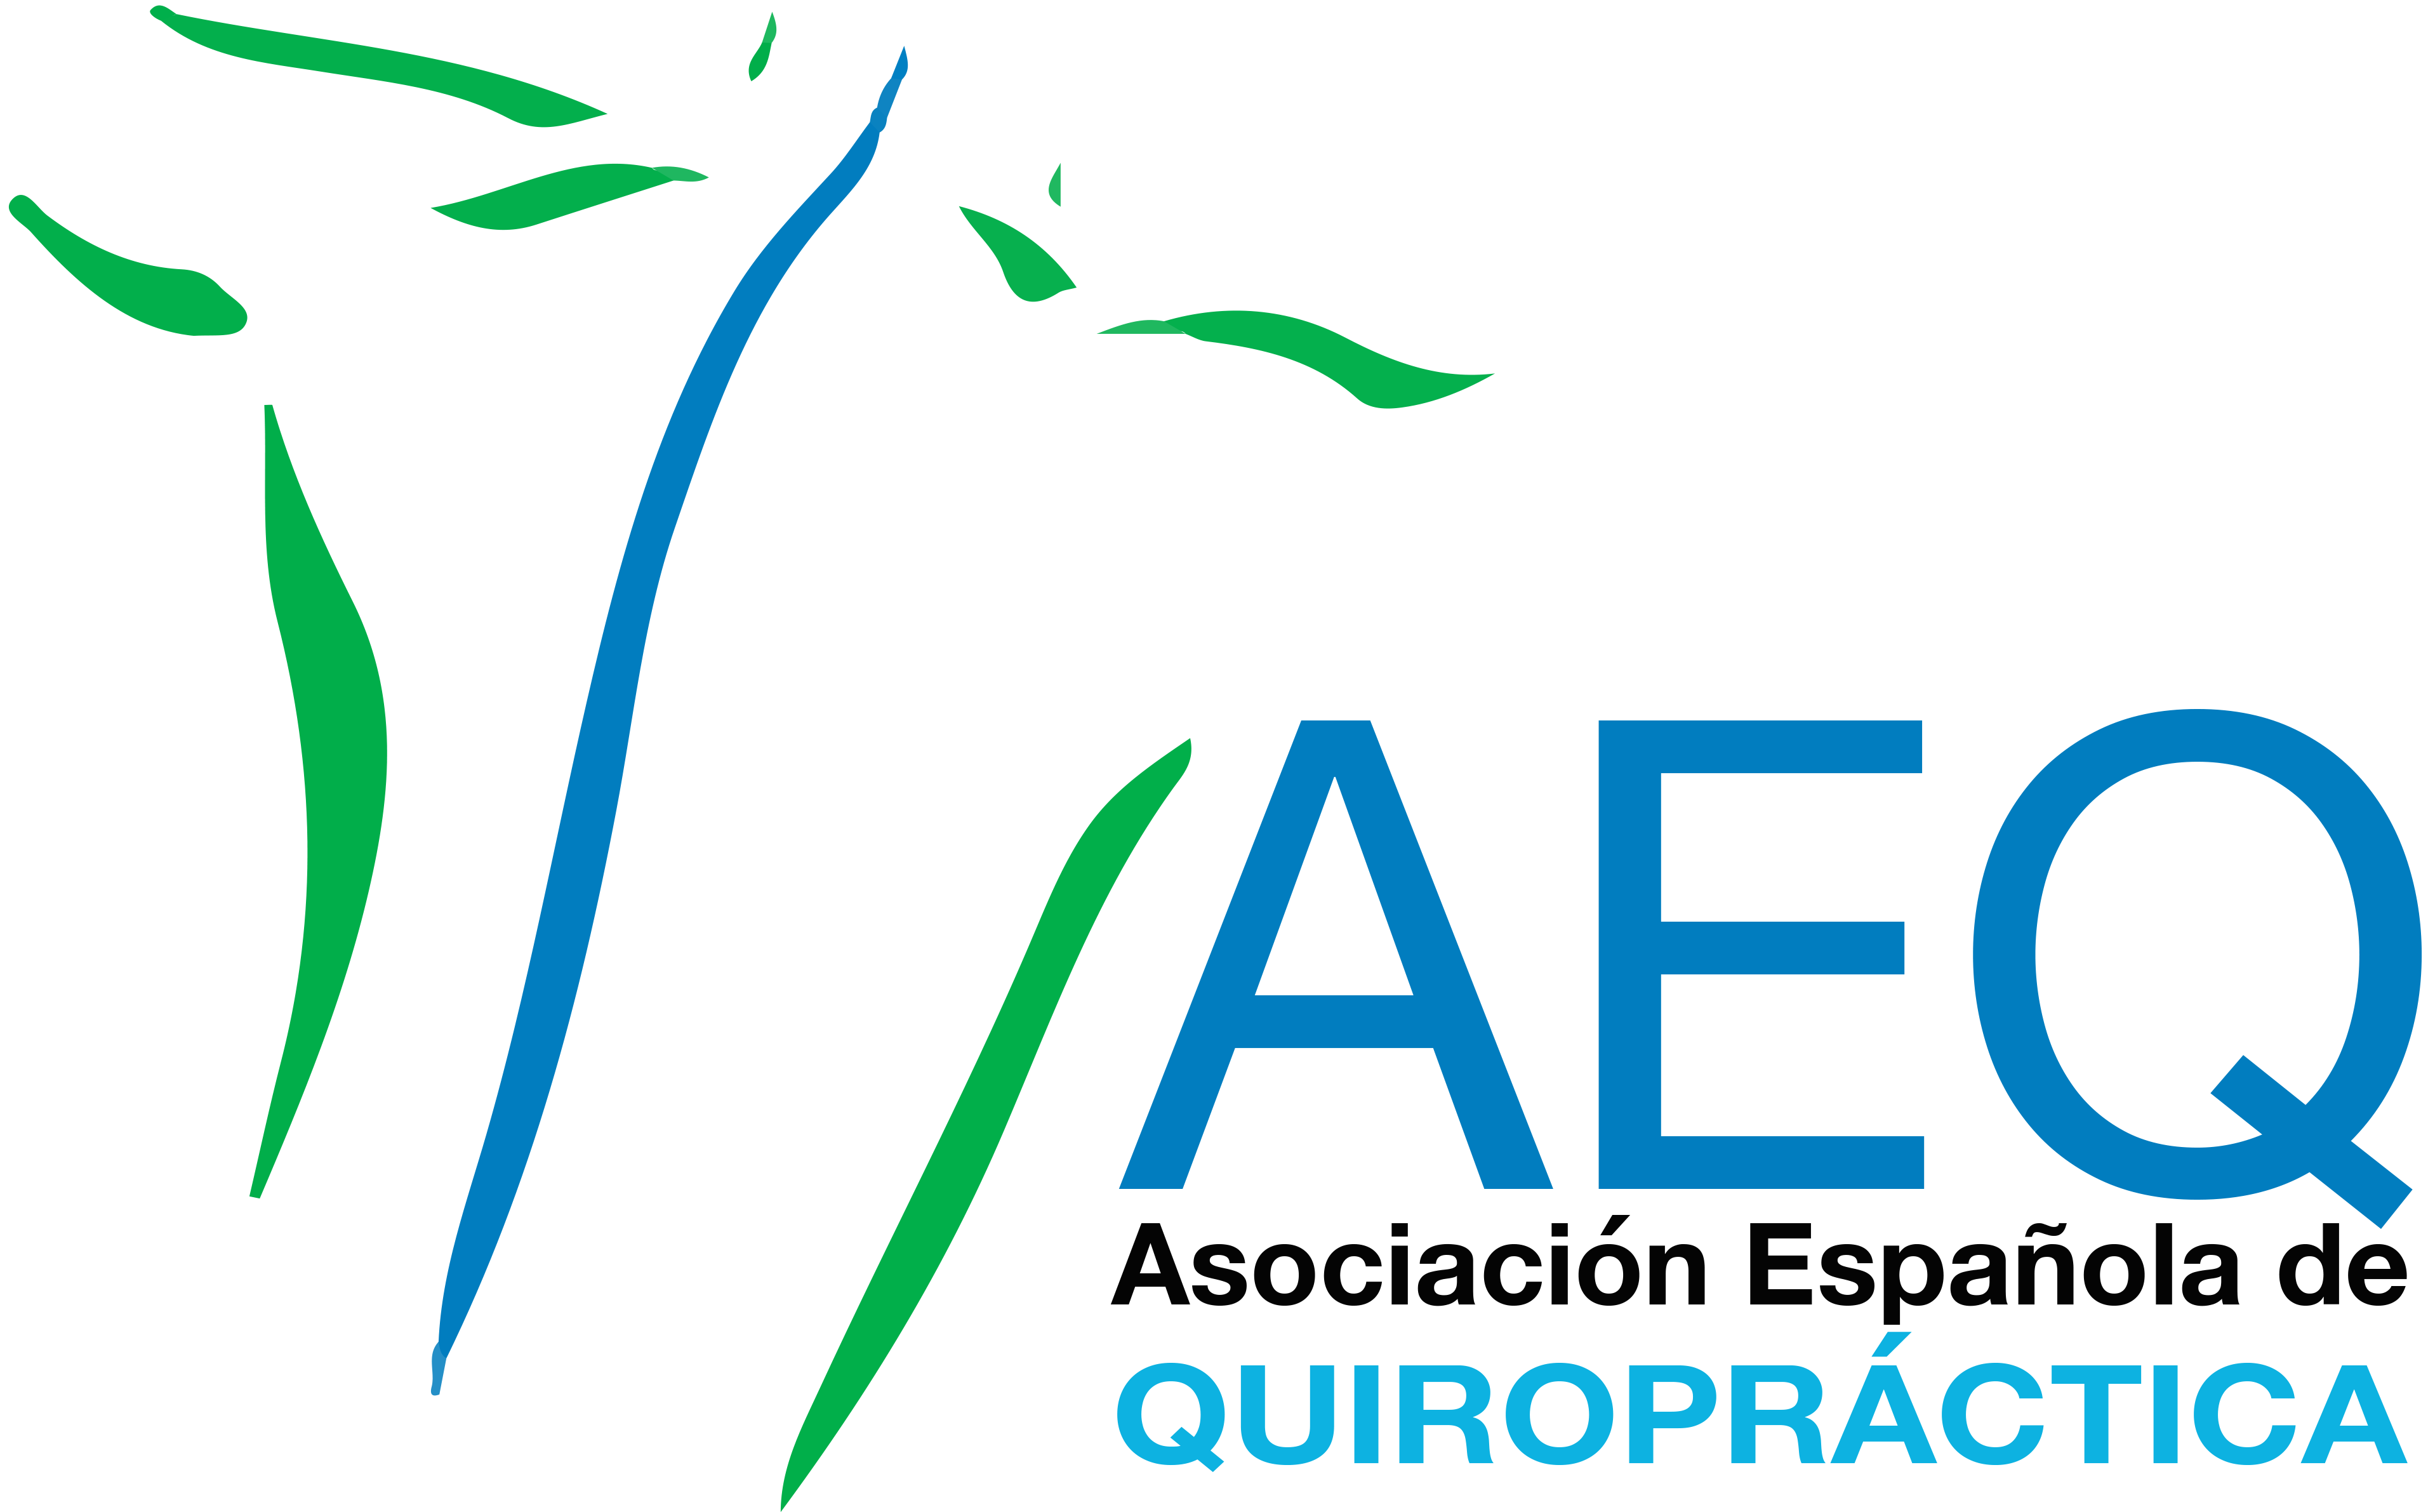 AEQ-LOGO-TRANSPARENT-LARGE